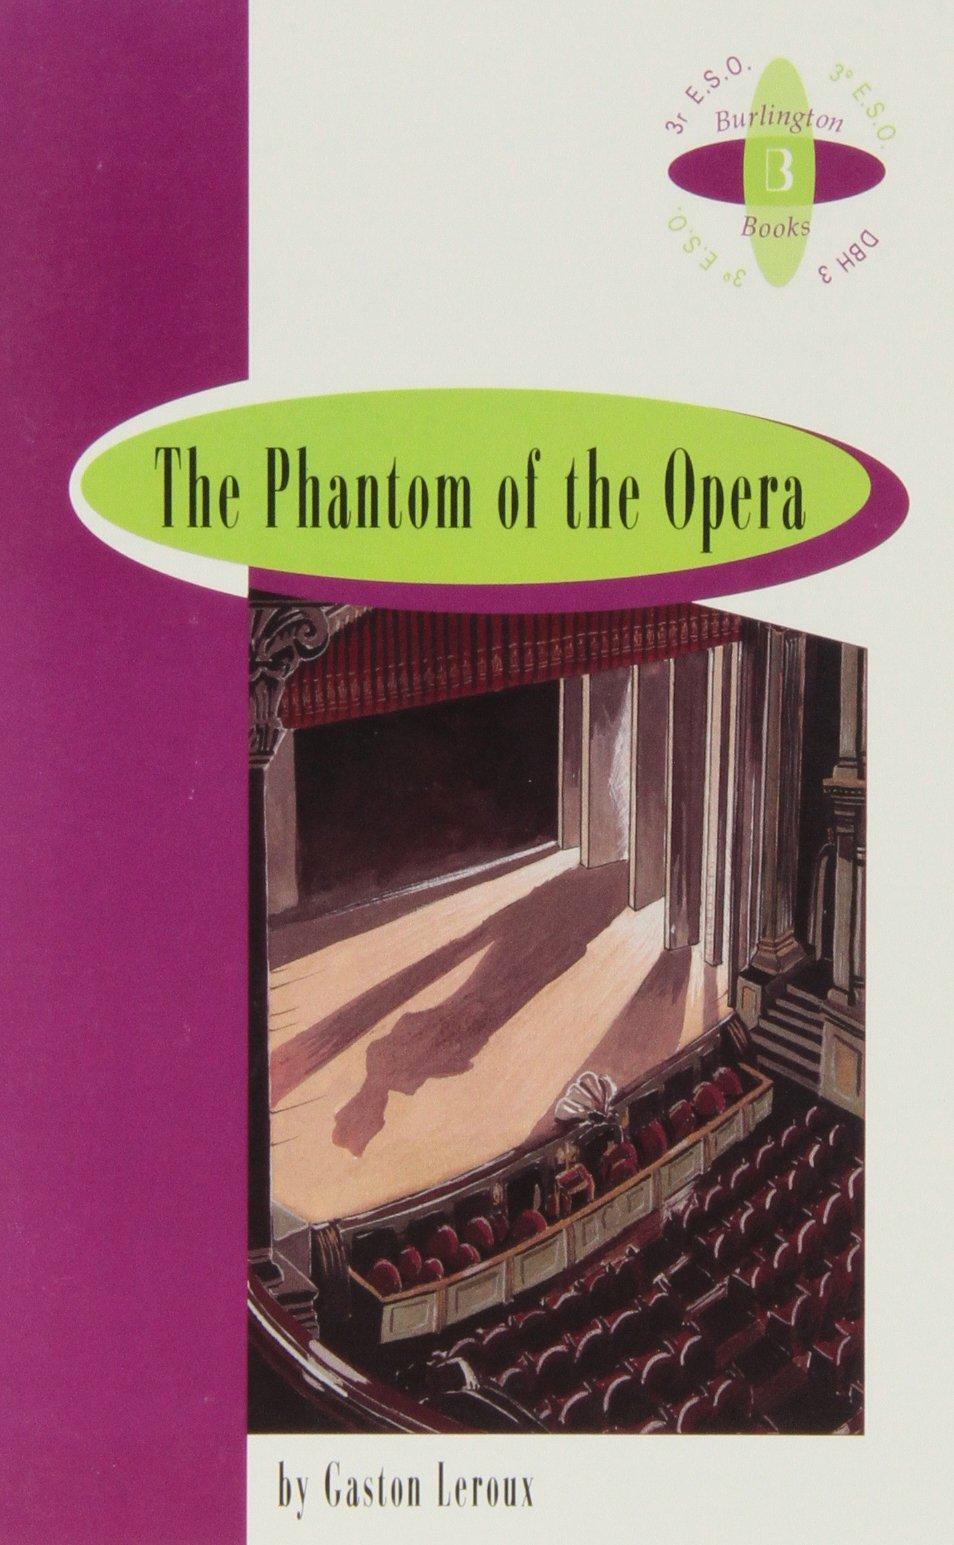 PHANTOM OF THE OPERA,THE 3ºESO: Amazon.es: Gaston Leroux: Libros en idiomas extranjeros